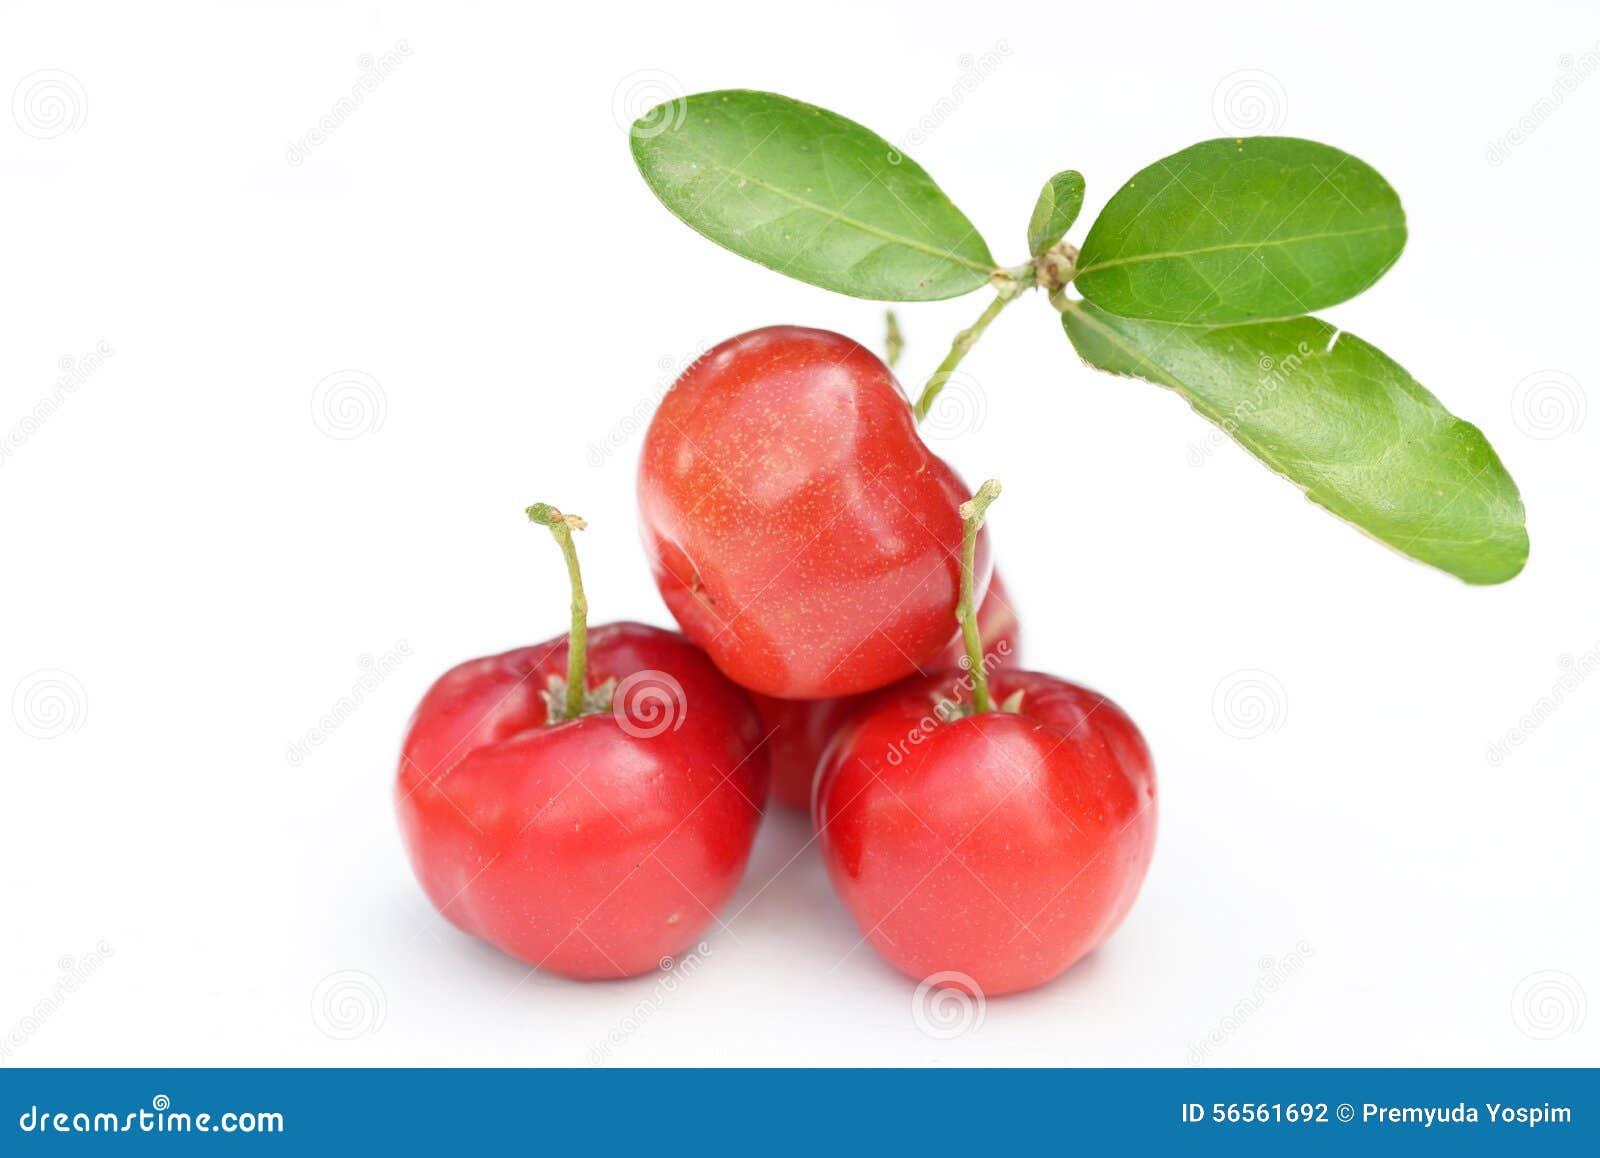 巴西金虎尾果子